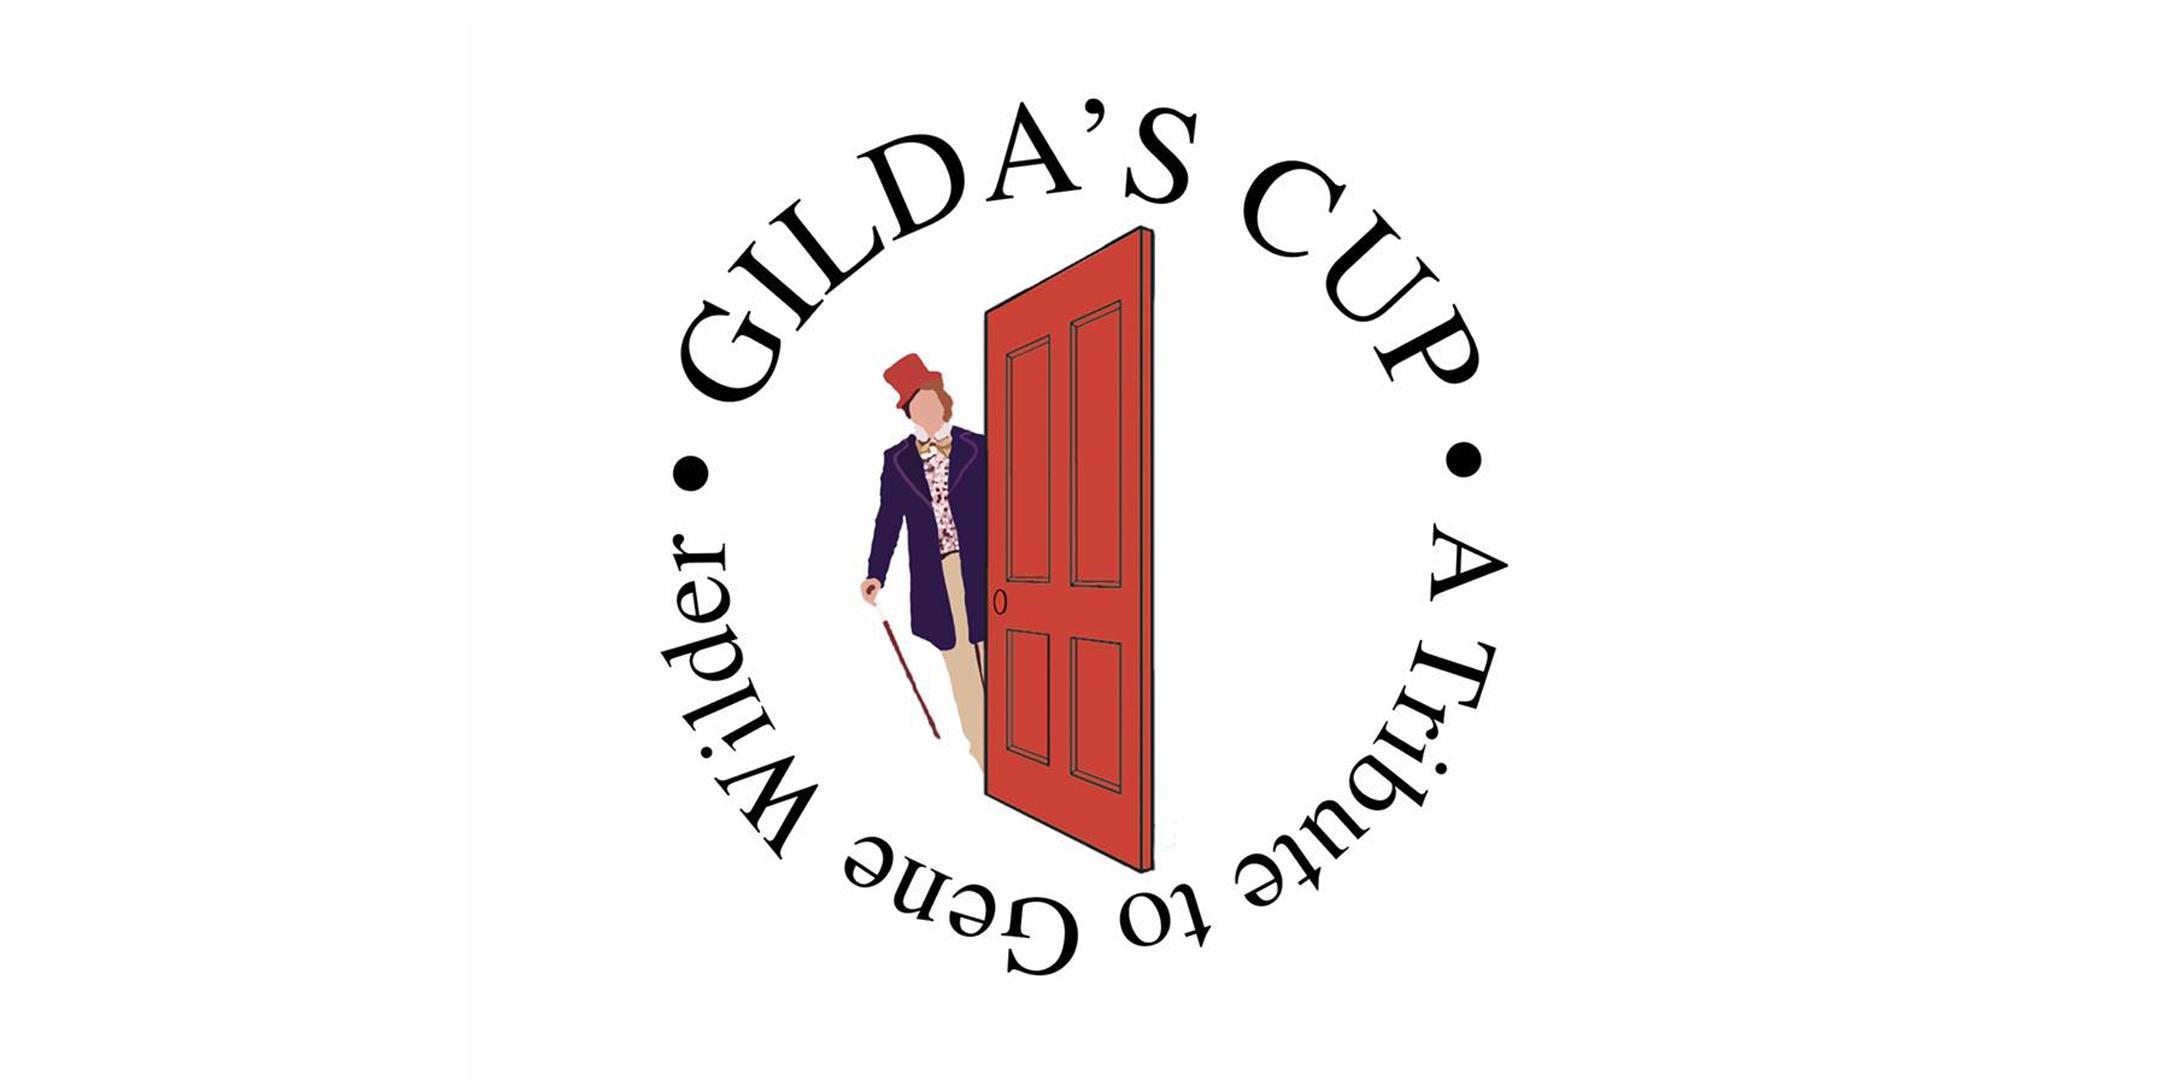 4th Annual Gilda's Cup Collegiate Comedy Impr